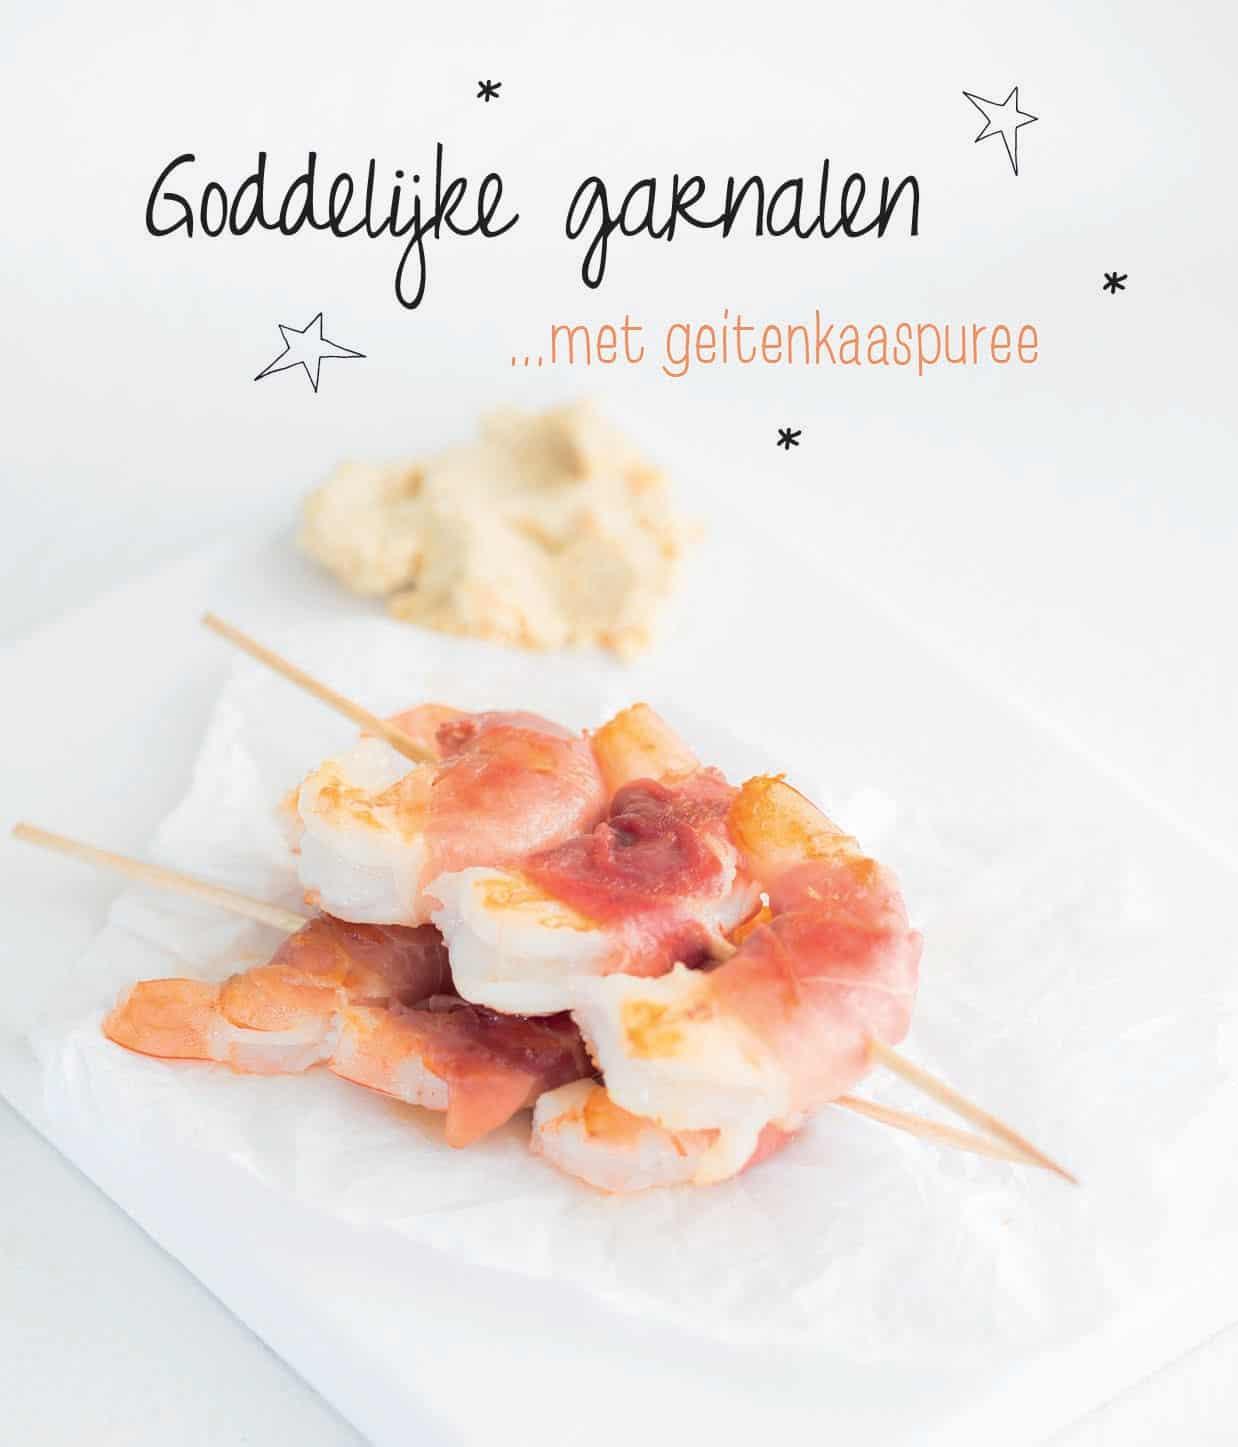 Goddelijke garnalen uit het nieuwe kookboek Hemels_1